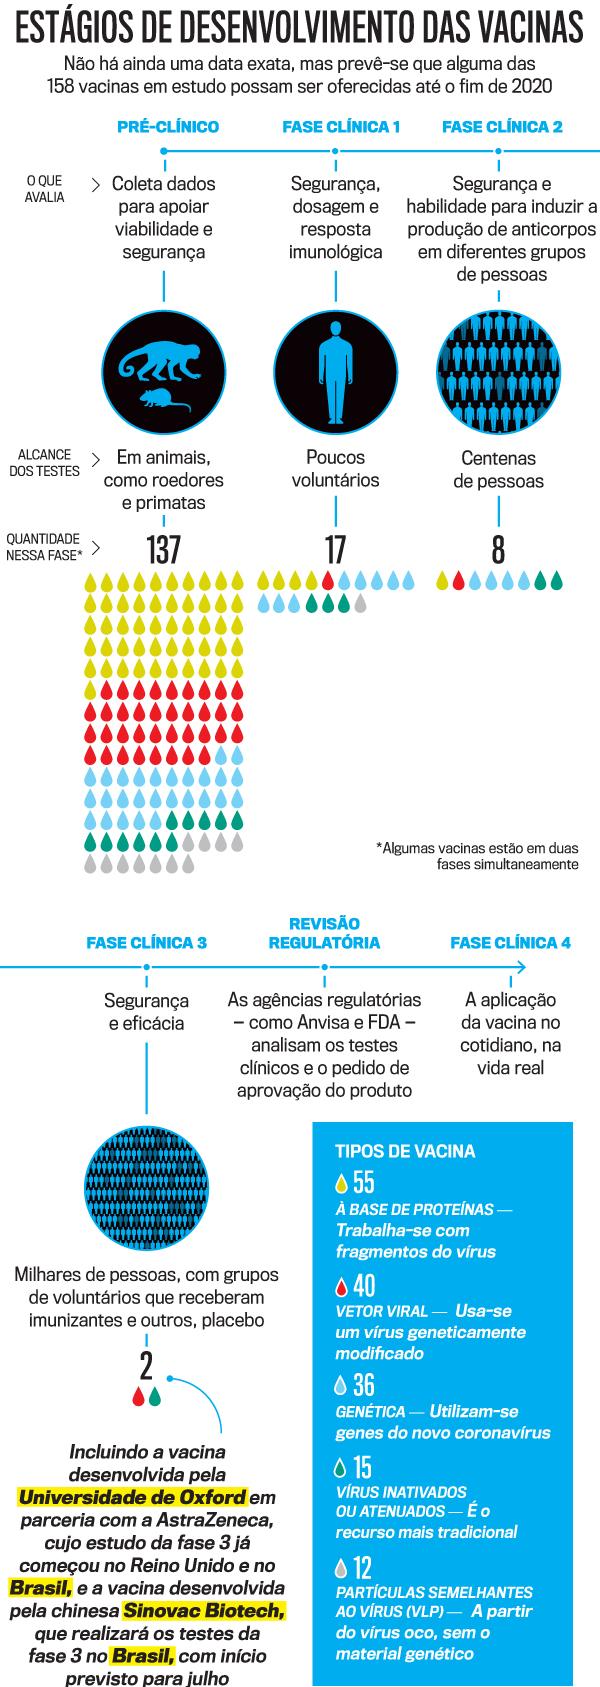 Imagem ilustrativa sobre estágios de desenvolvimento das vacinas